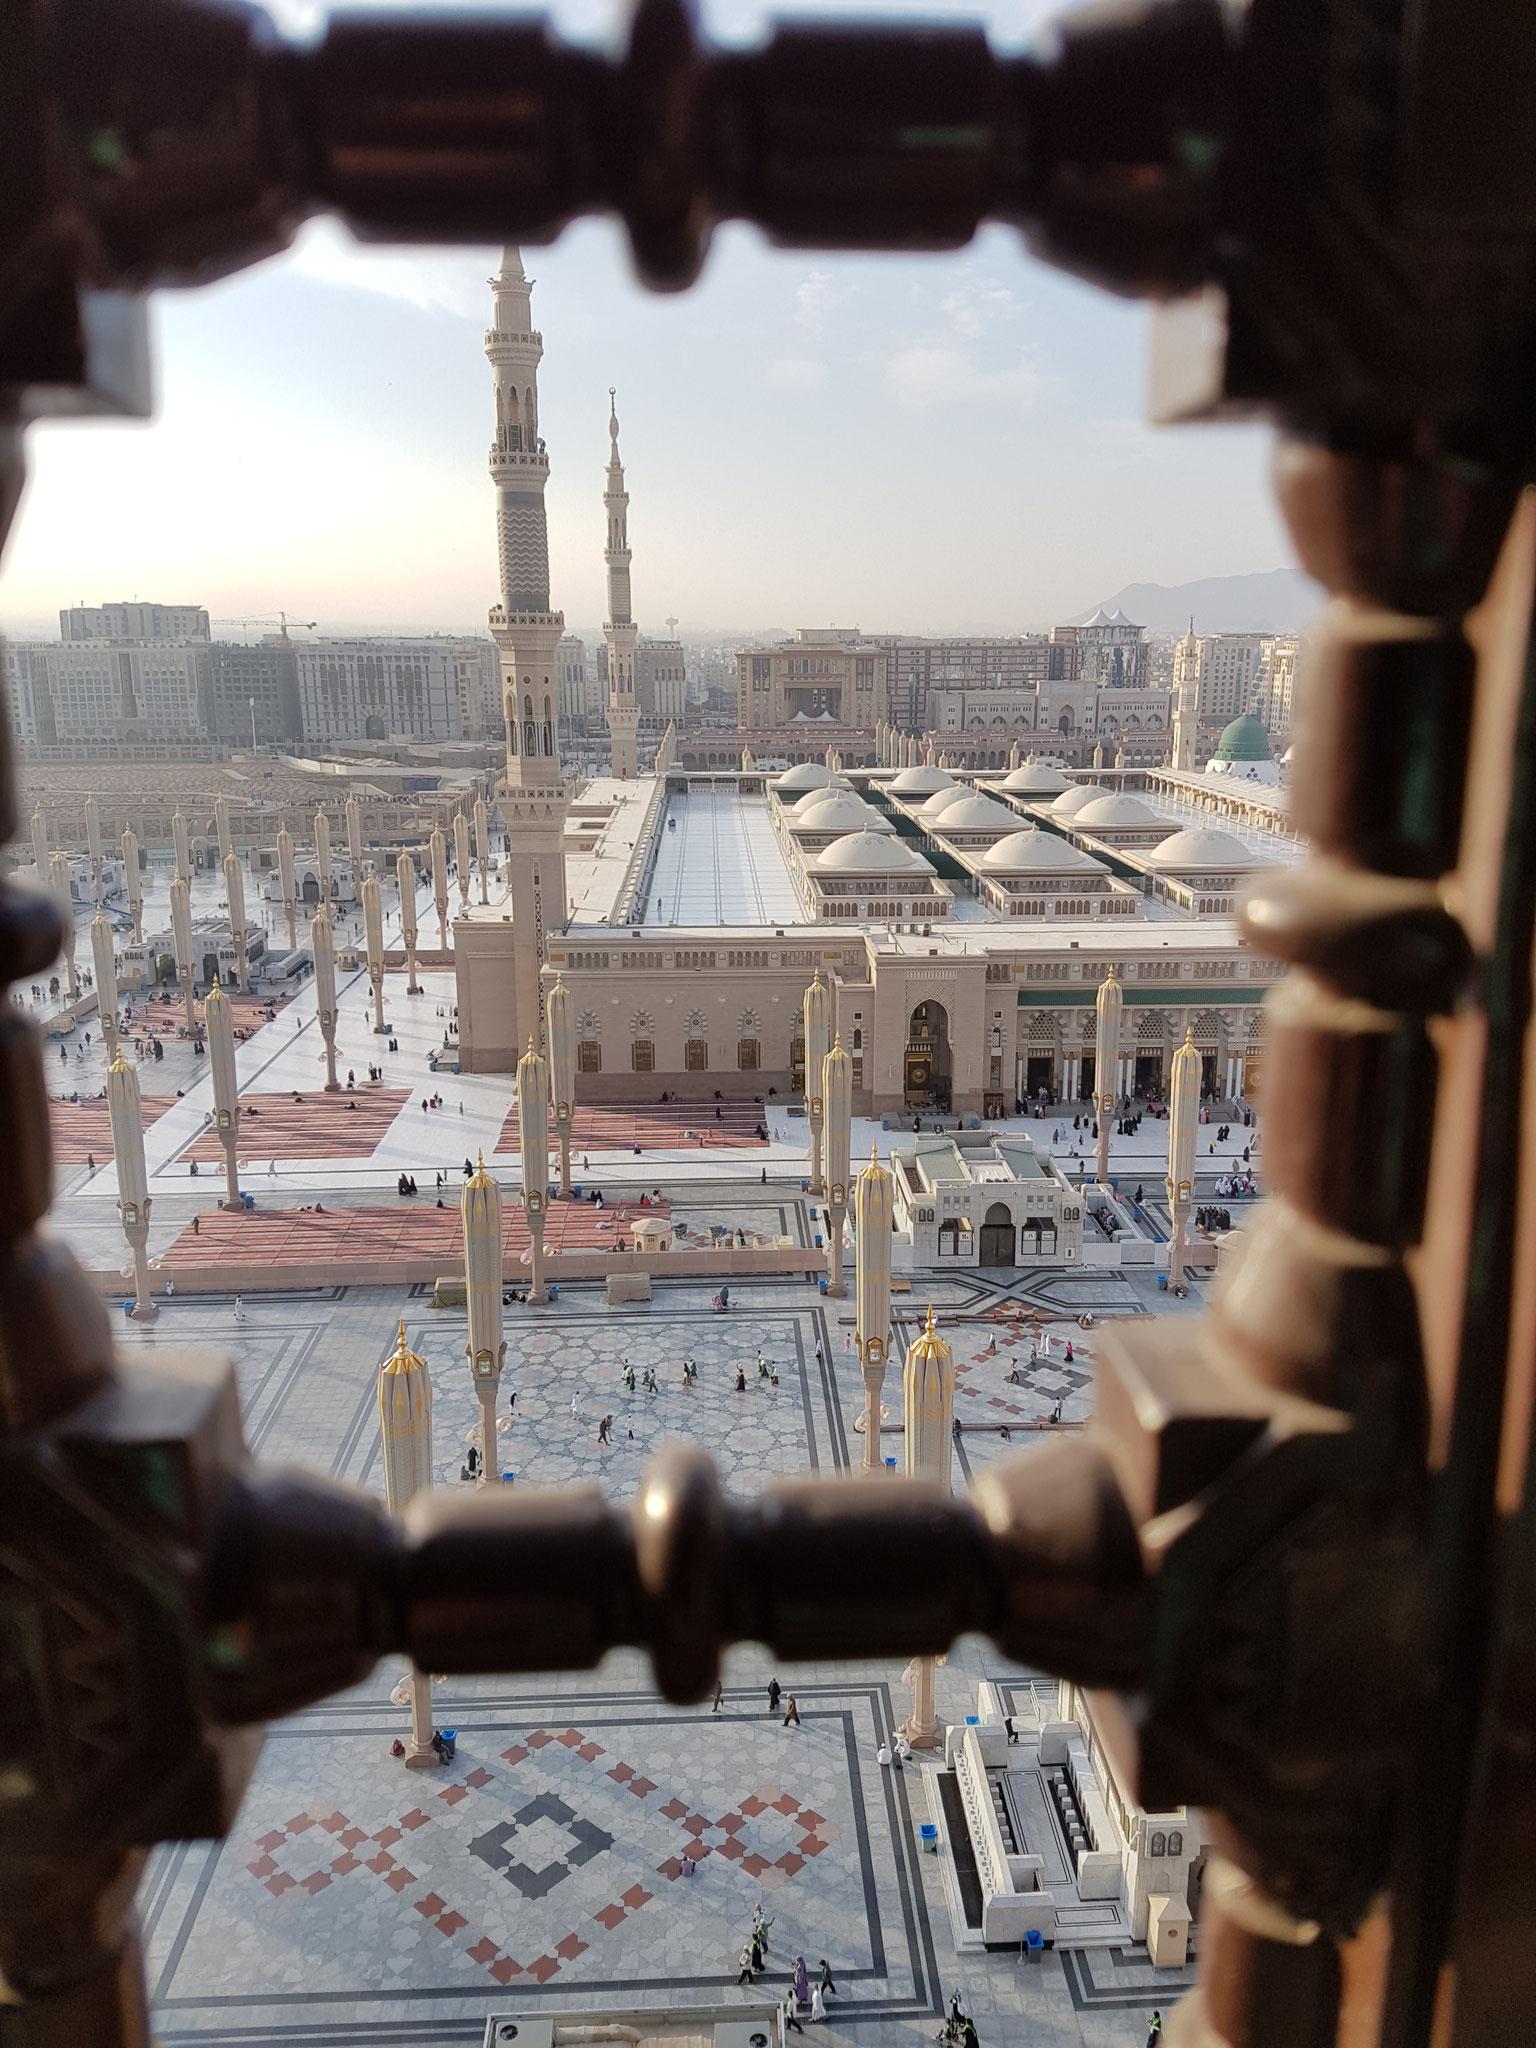 Der Ausblick aus unserem Fenster im 14. Stock